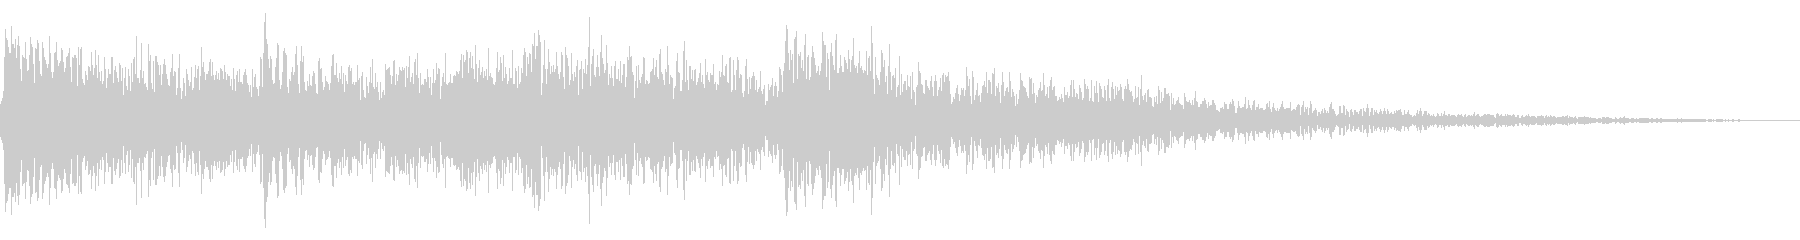 ハープの場面転換 CMイン サウンドロゴの未再生の波形